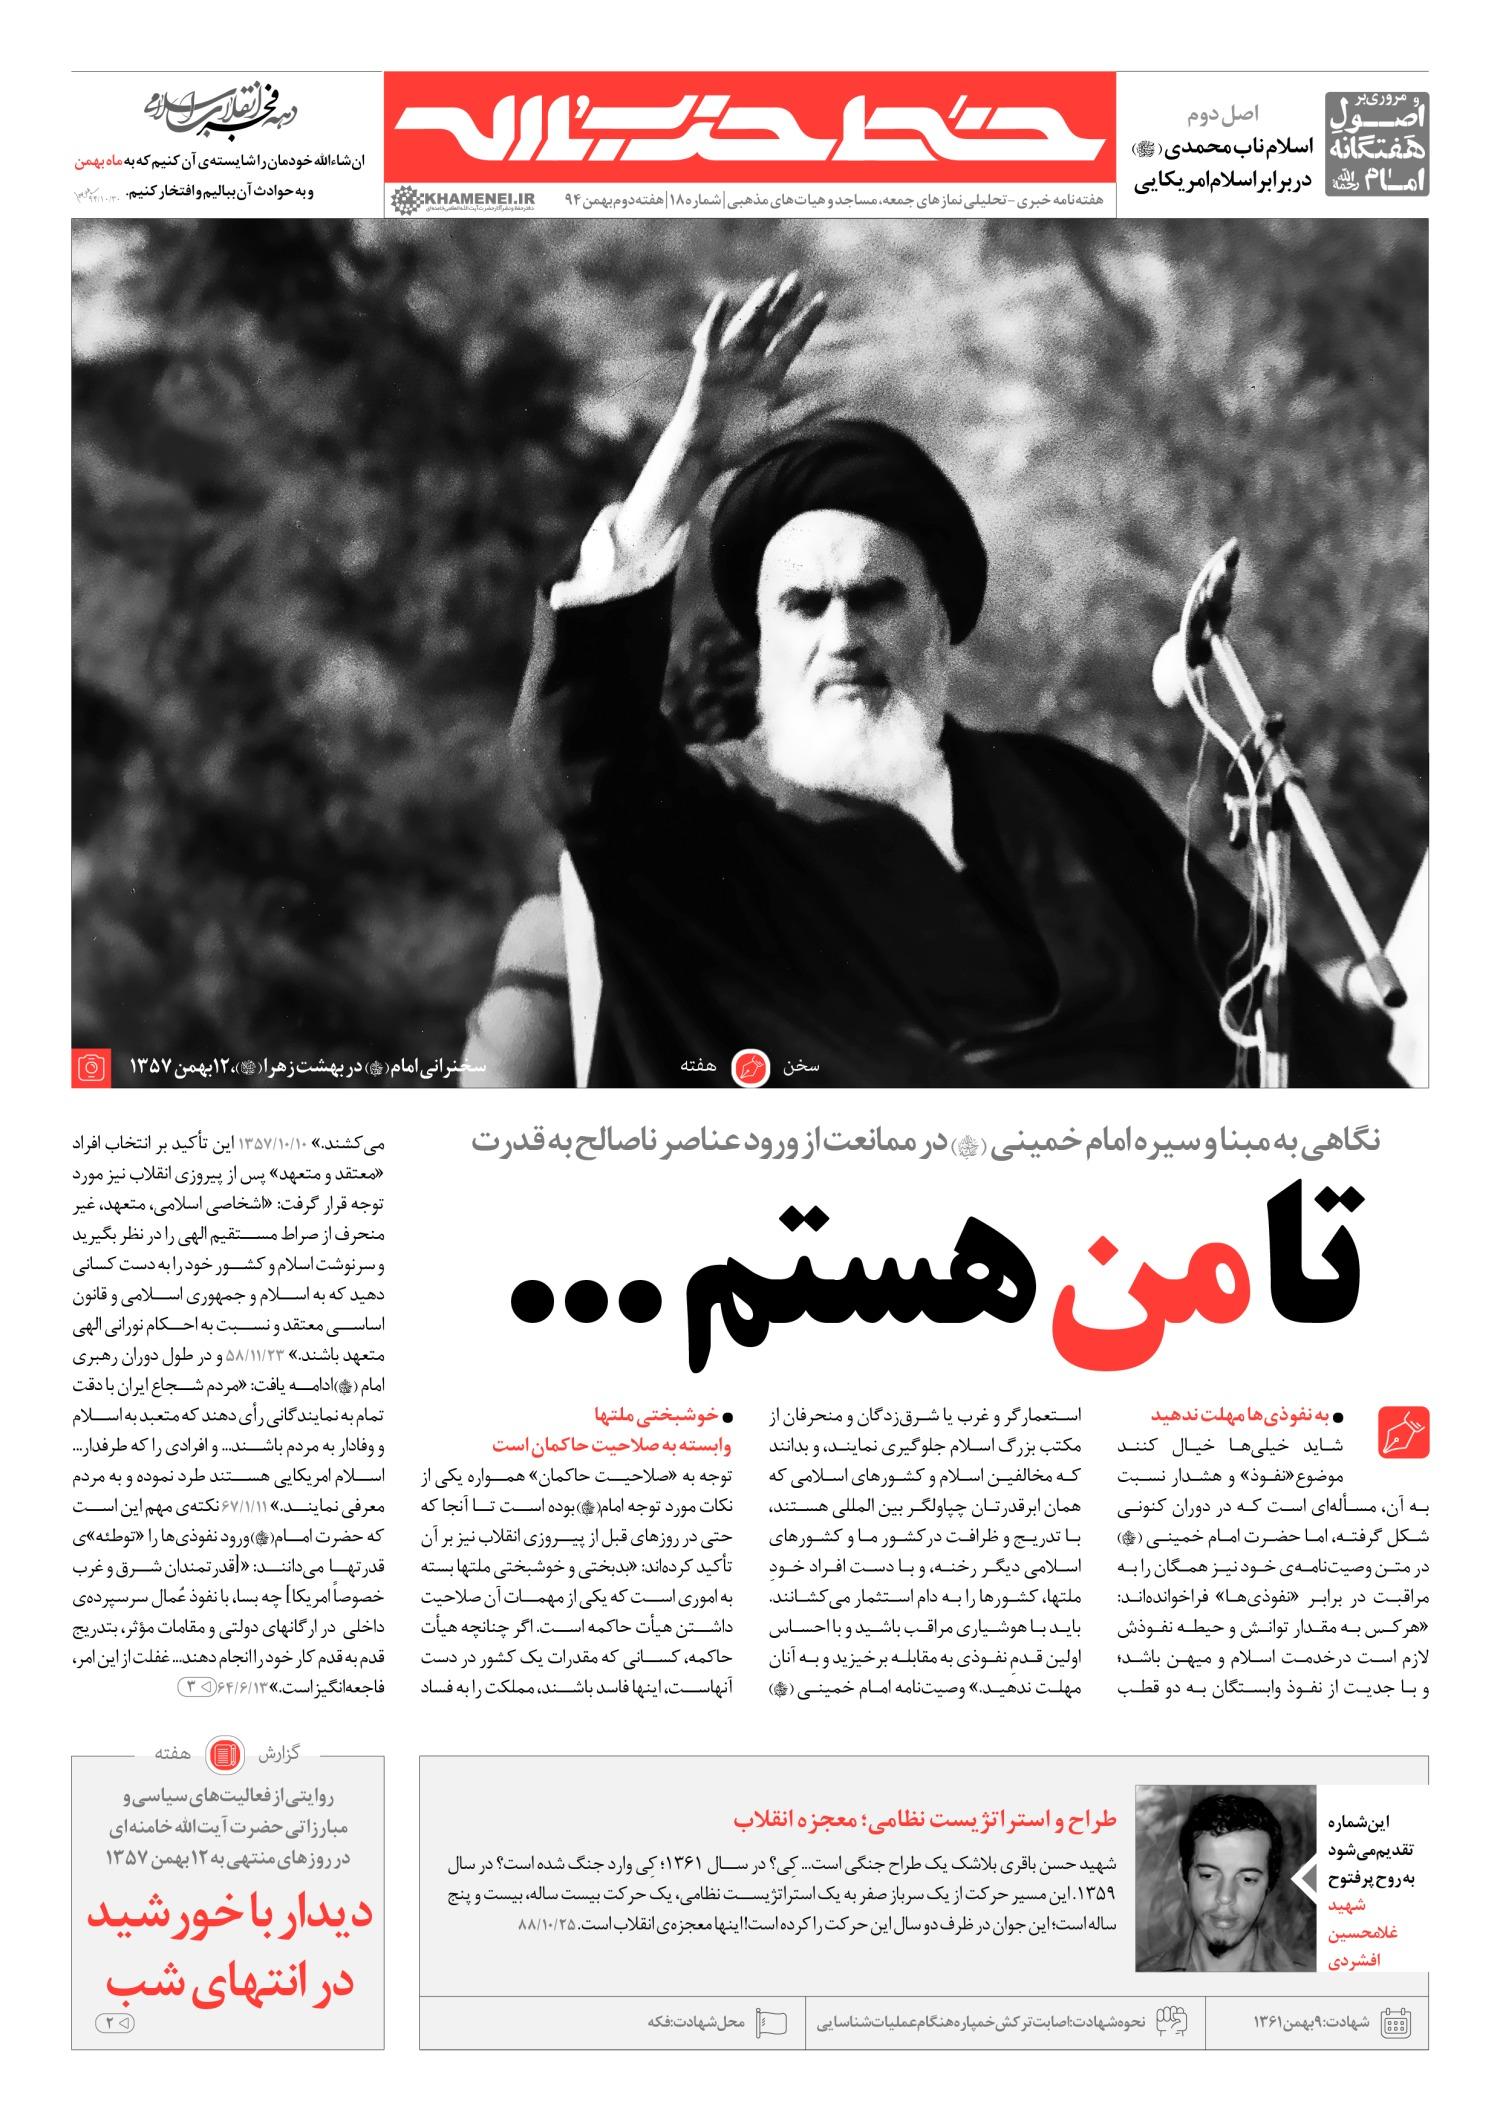 خط حزب الله -شماره پنجم خط حزب الله -شماره هیجدهم page large 11 2